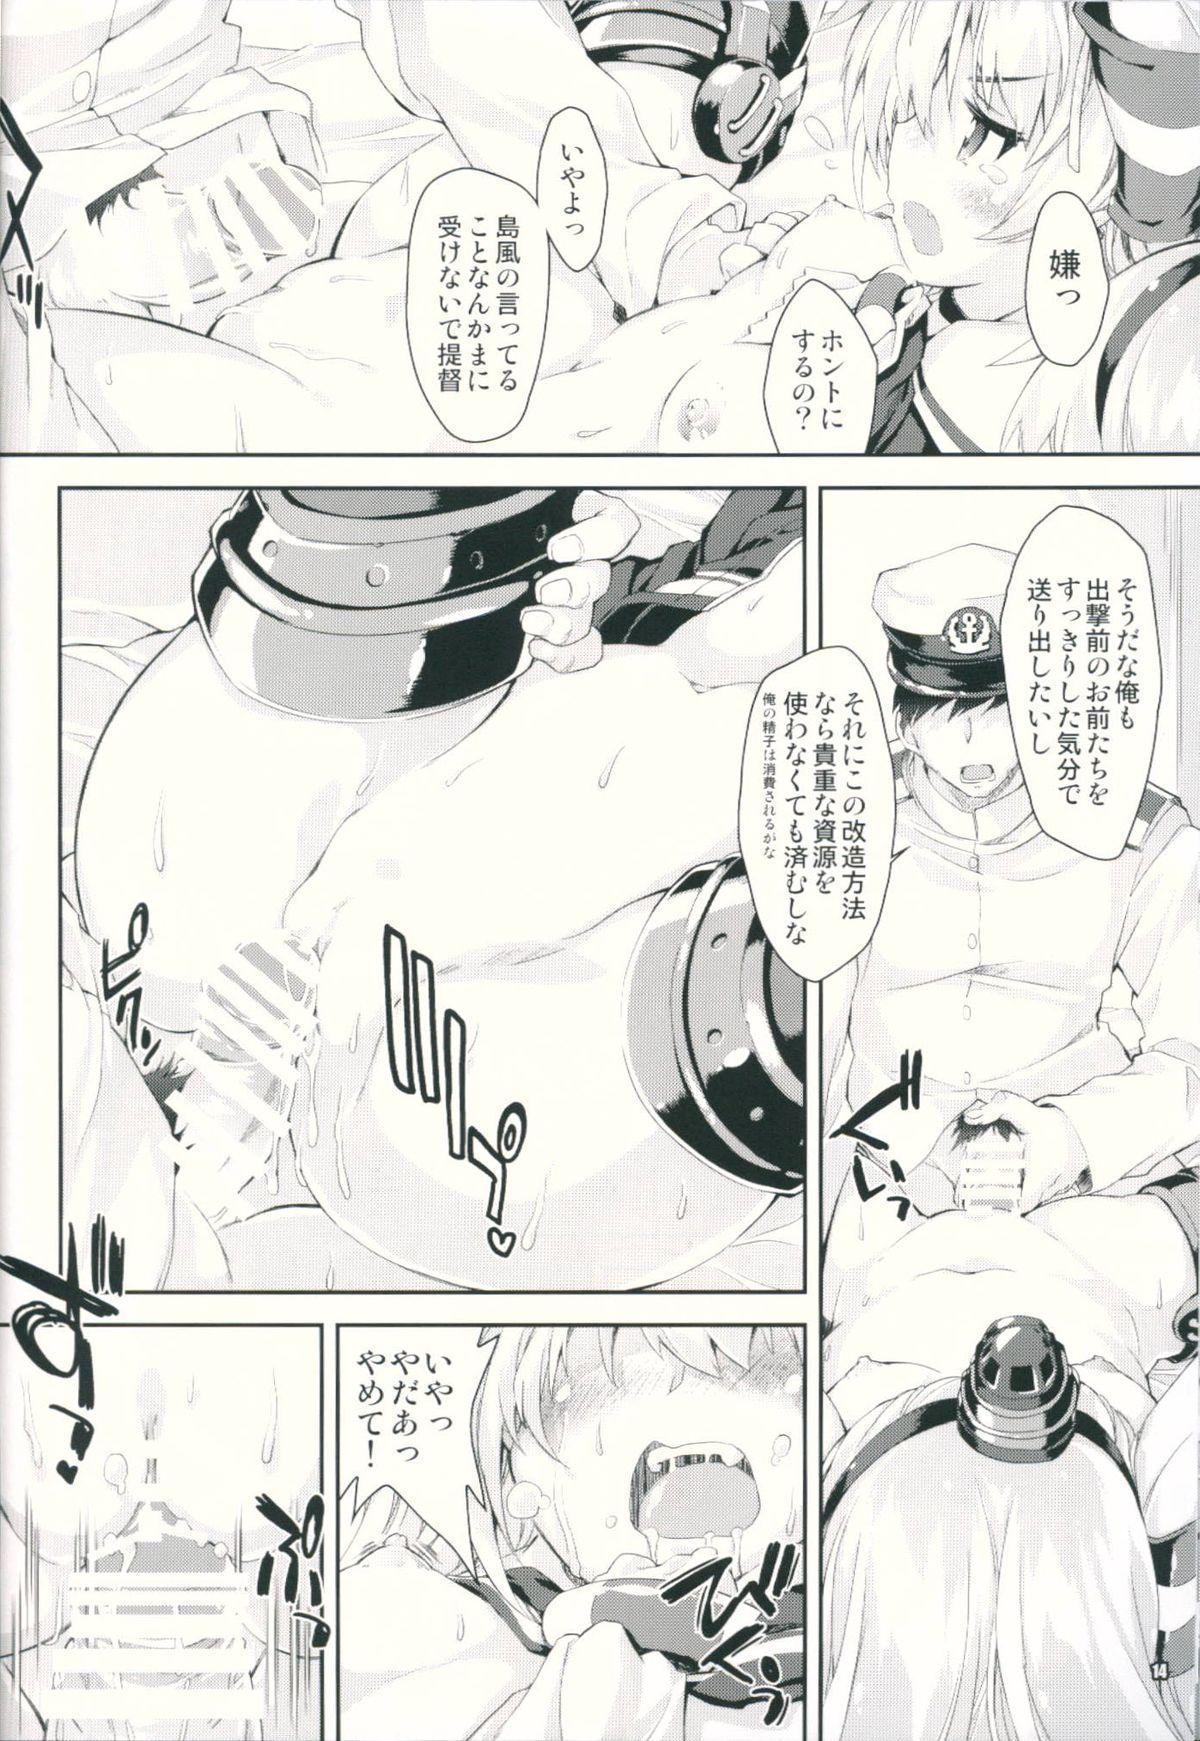 Kanmusu wa H Daisuki 3 Doko Fuku Shimakaze Amatsukaze 12